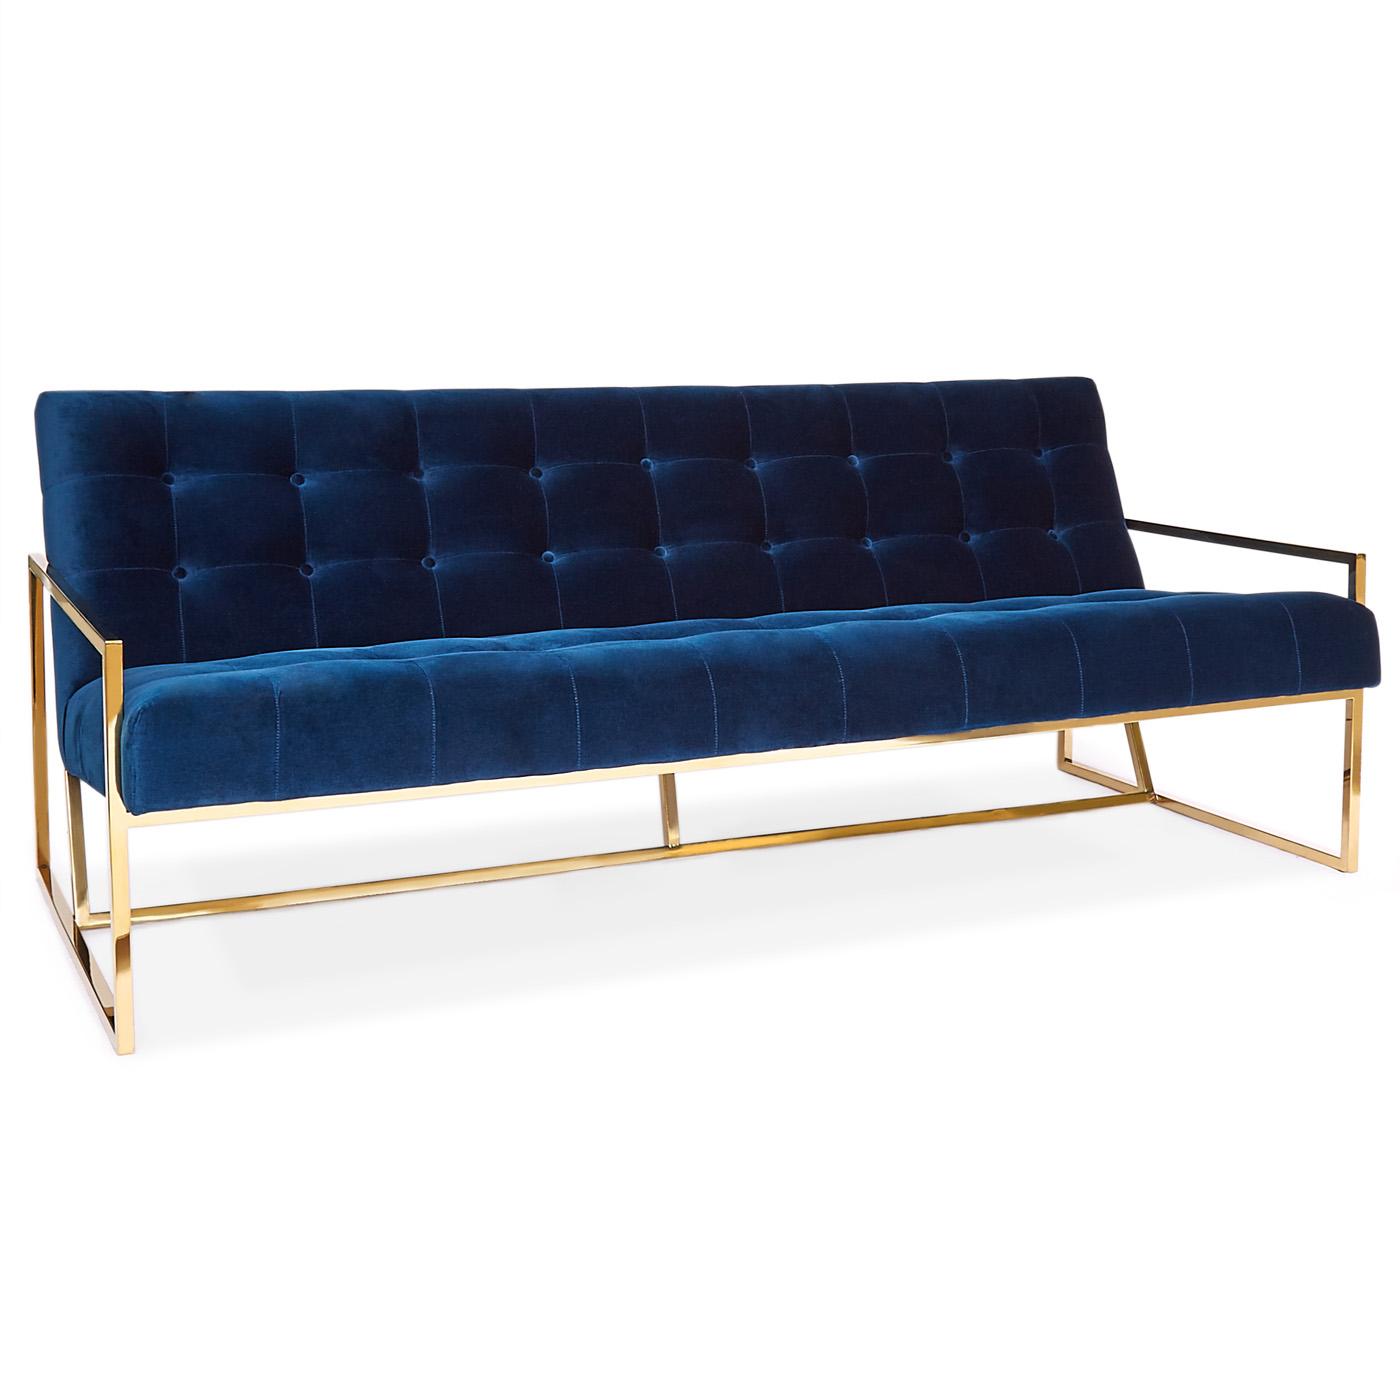 modern-furniture-goldfinger-sofa-n-a-jonathan-adler.jpg